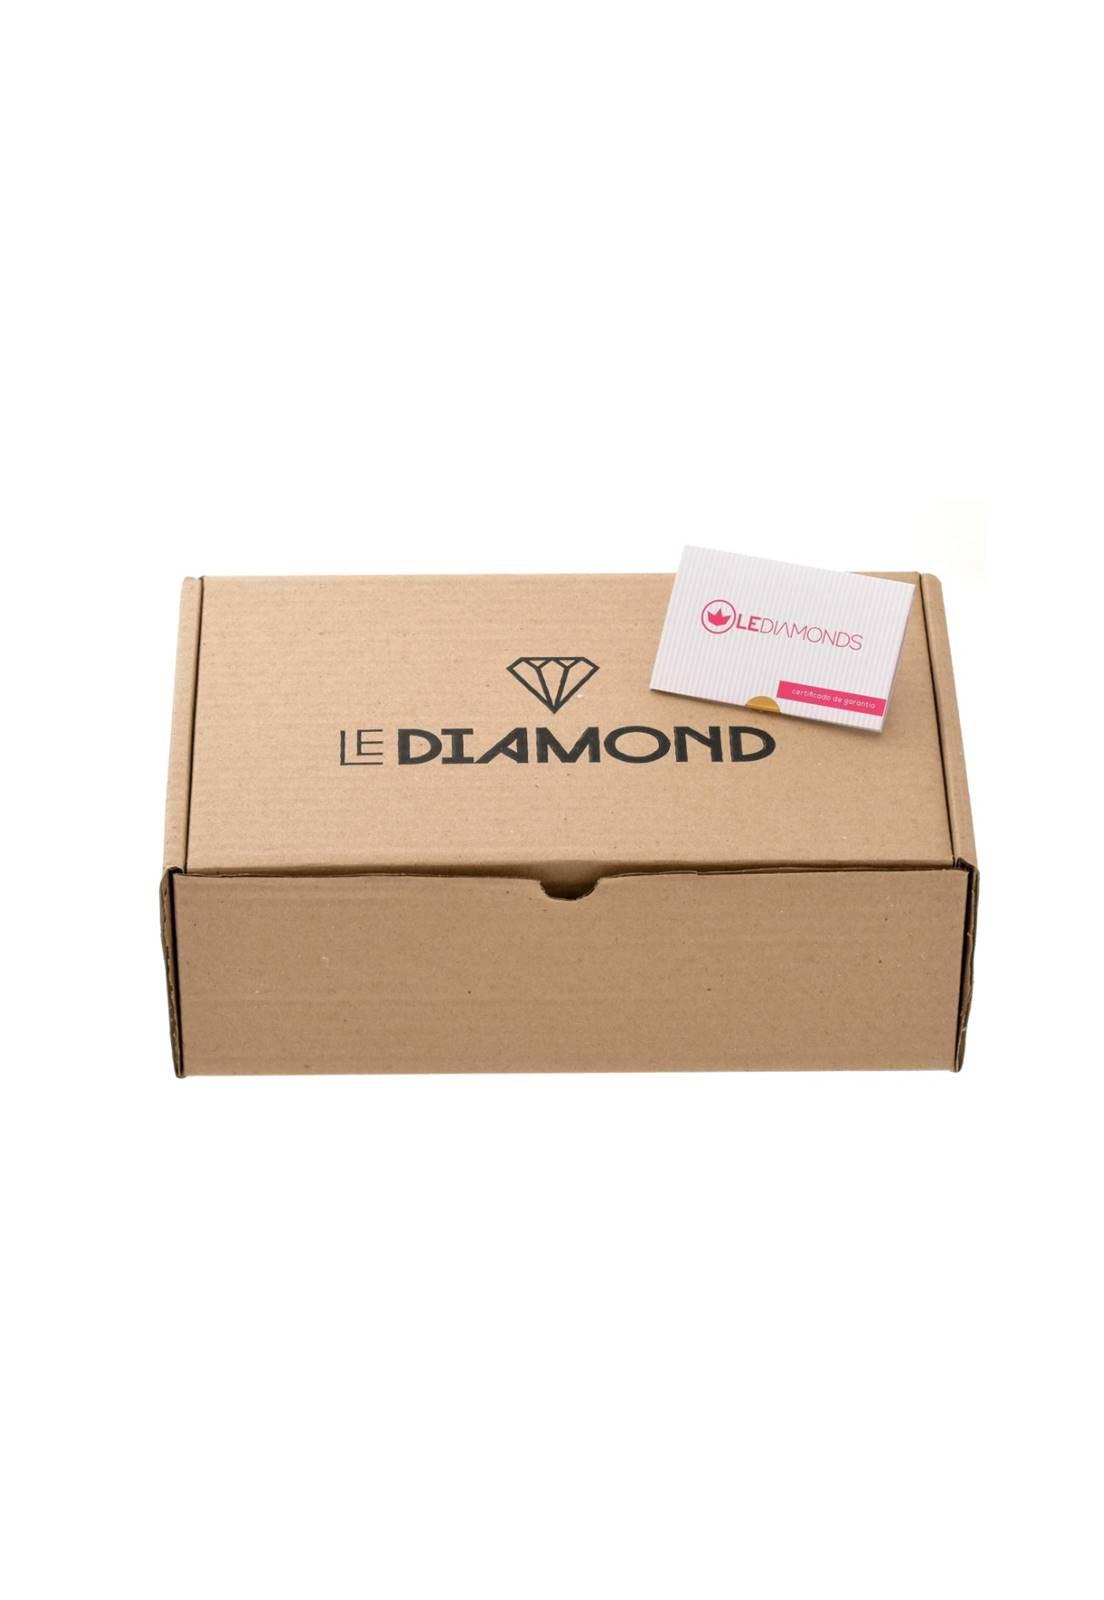 Brinco Le Diamond Zircônia com Franja Dourado